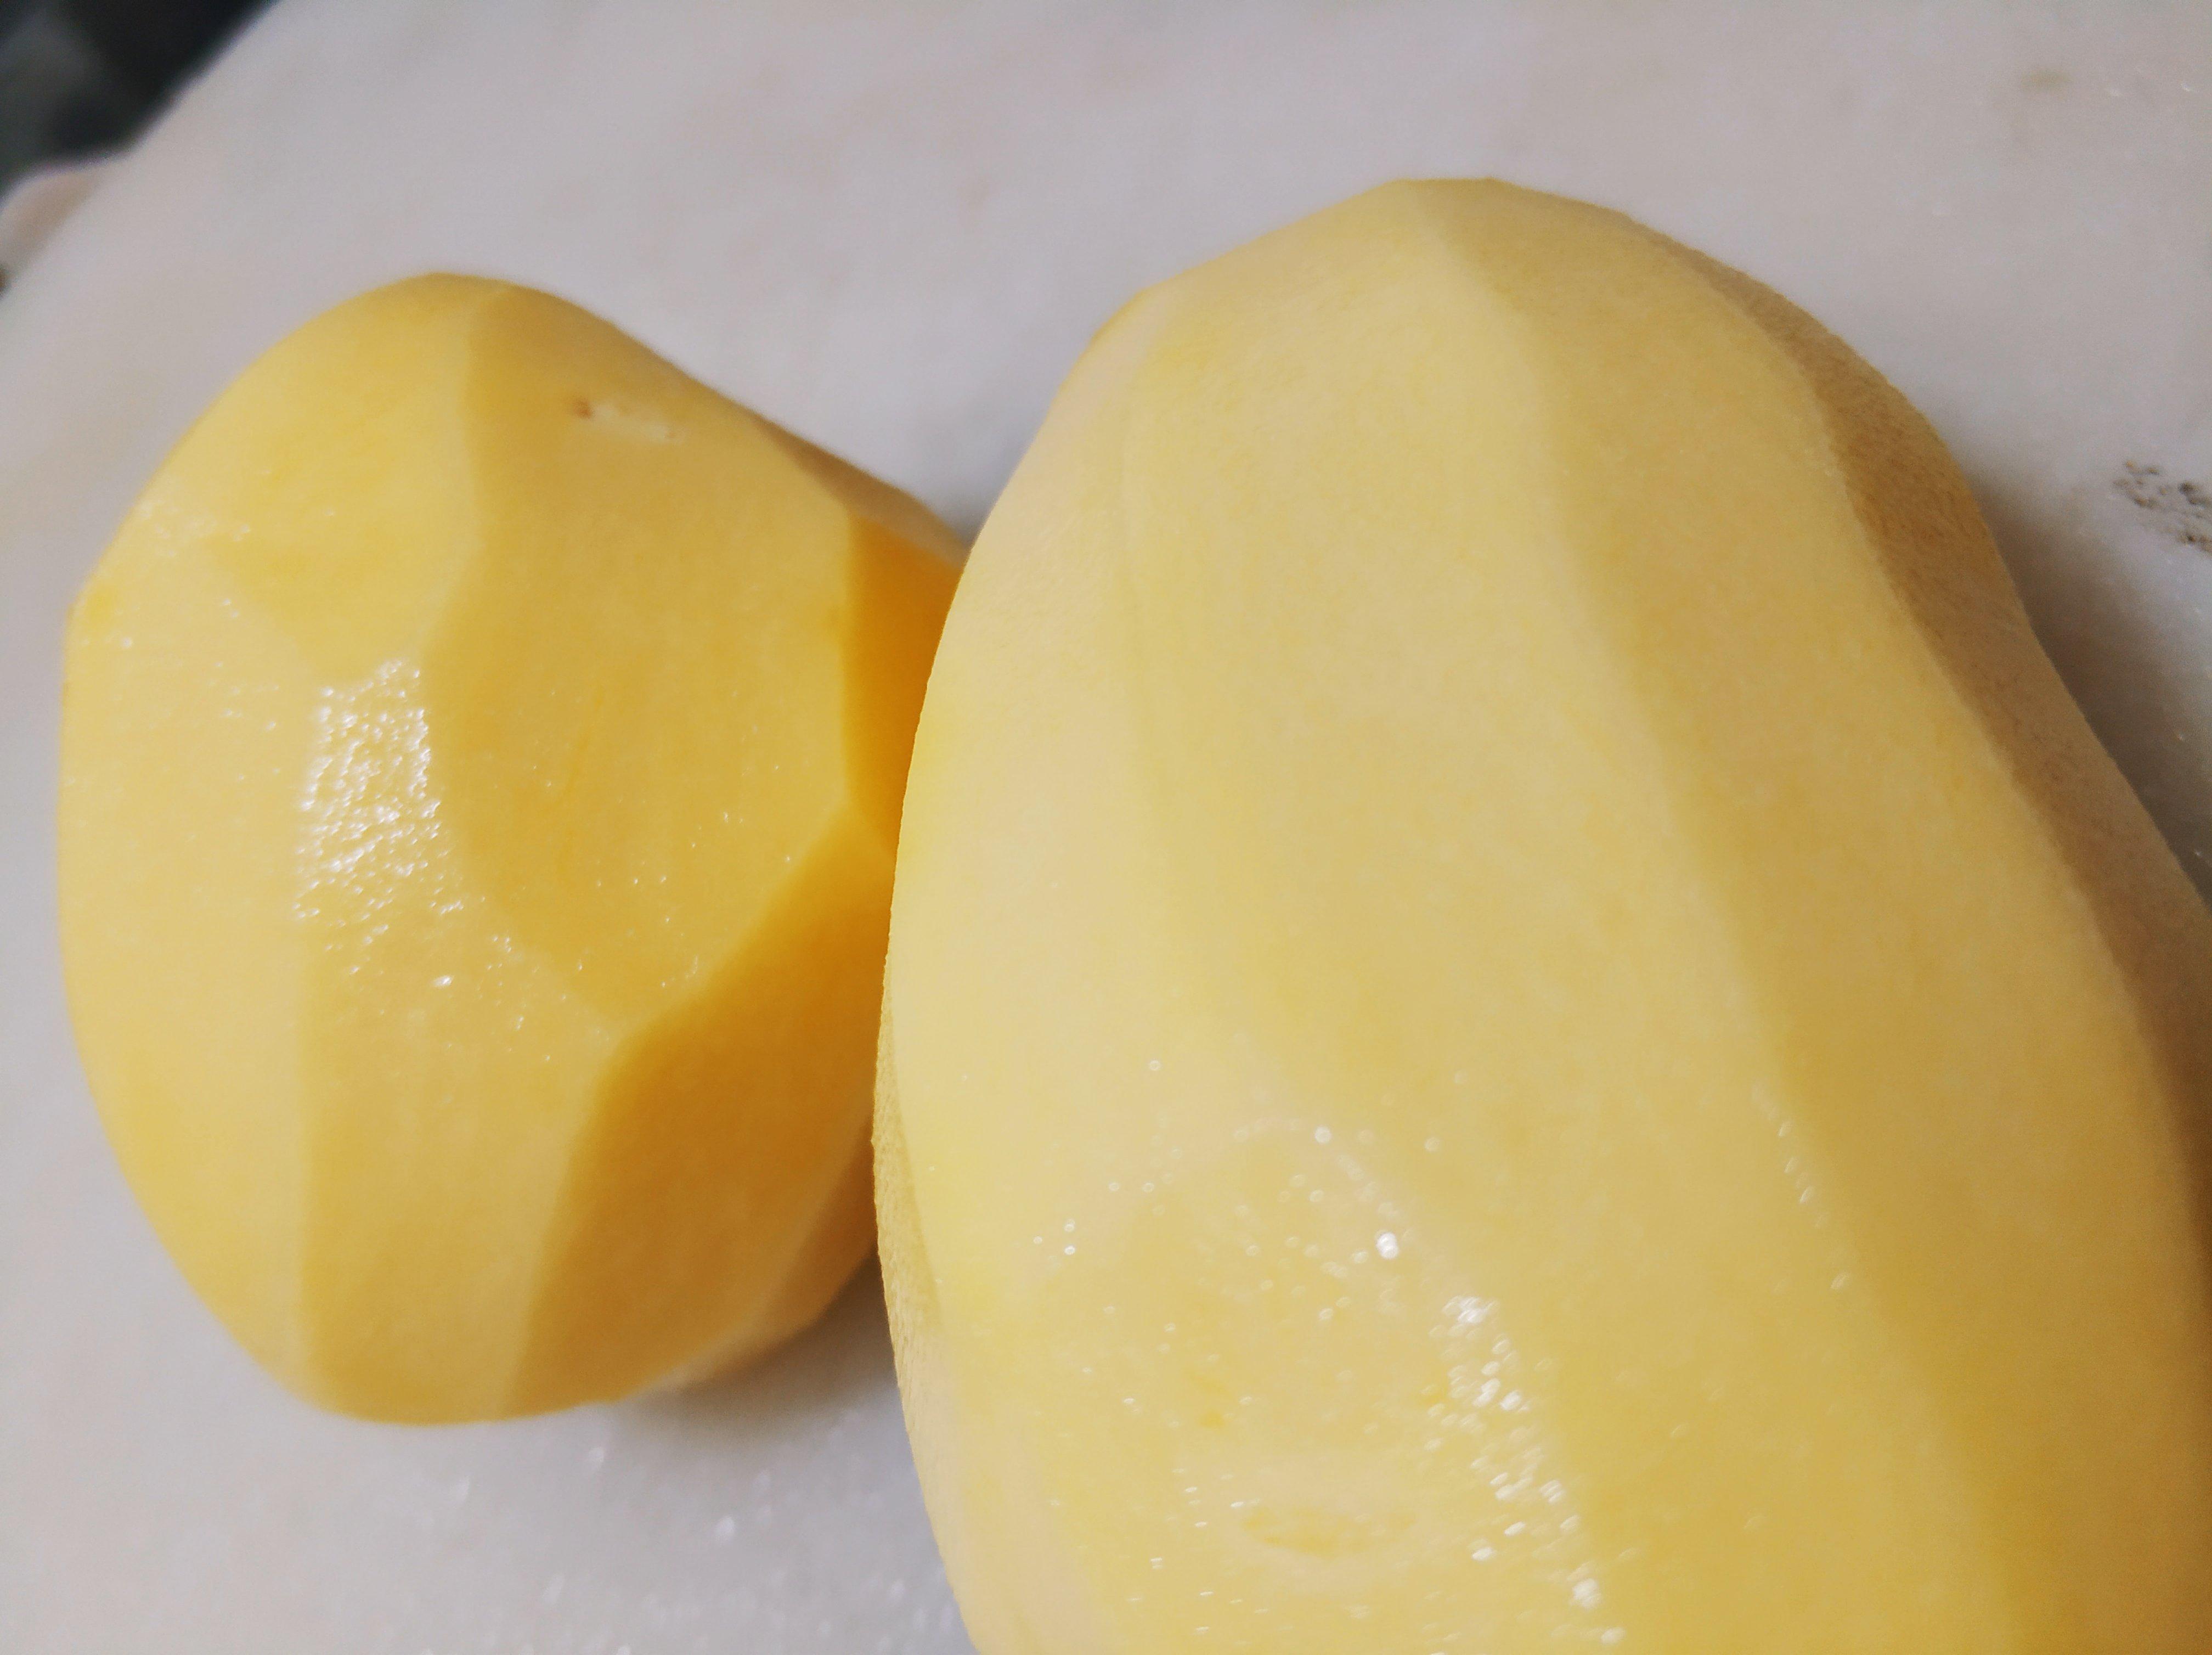 土豆这样做,颜值味道都是一流! 美食做法 第2张